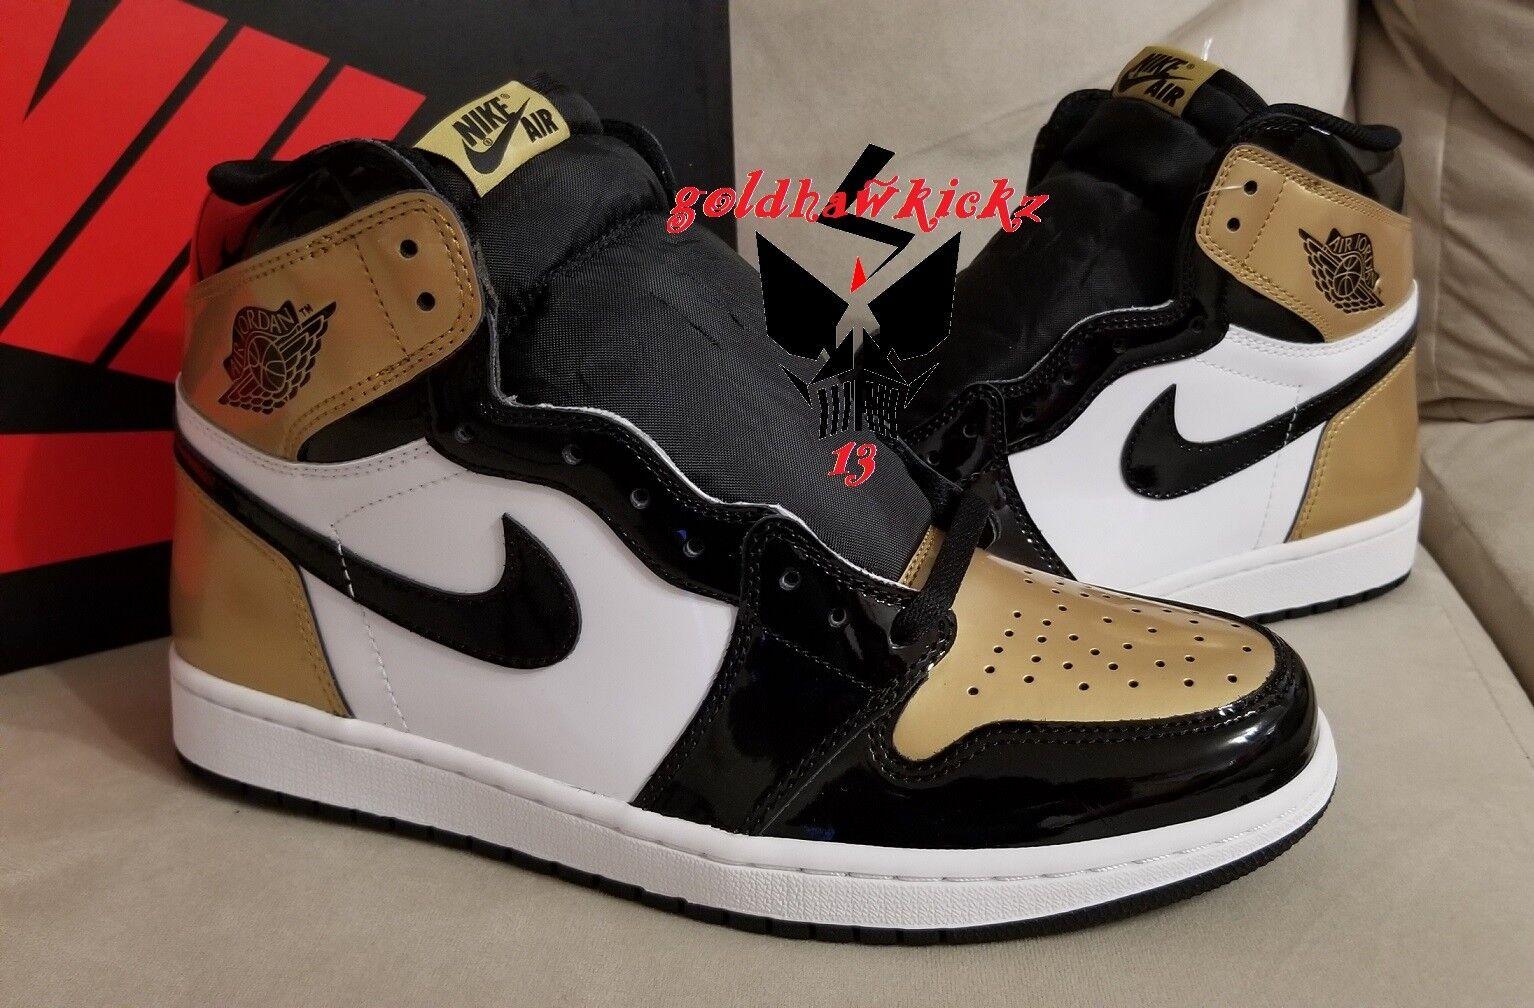 2018 Nike Air Jordan 1 High OG NRG Gold Toe Black White 861428 007 like mike